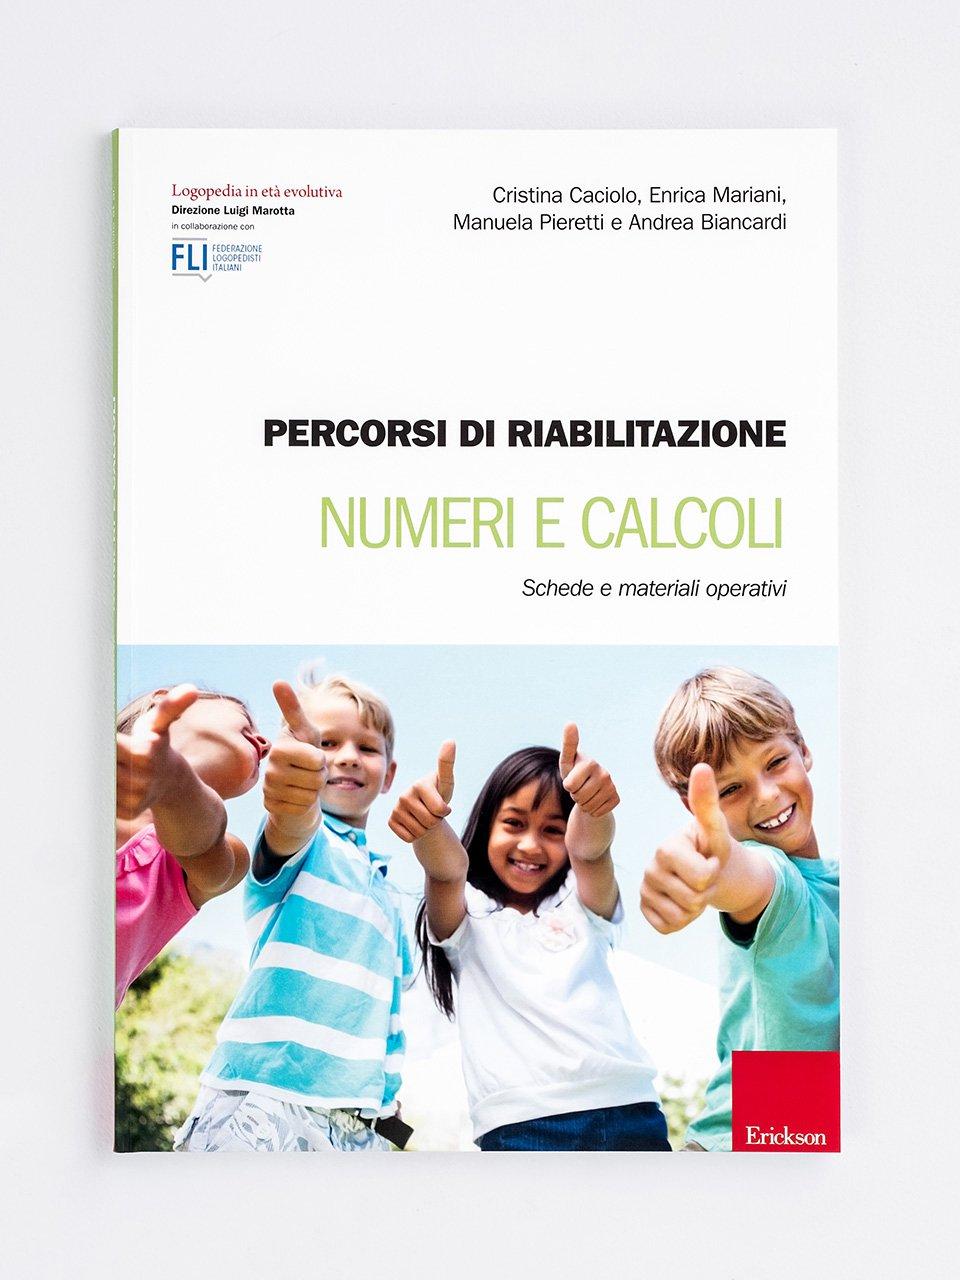 Percorsi di riabilitazione - Numeri e calcoli - Test ABCA - Abilità di calcolo aritmetico - Libri - Erickson